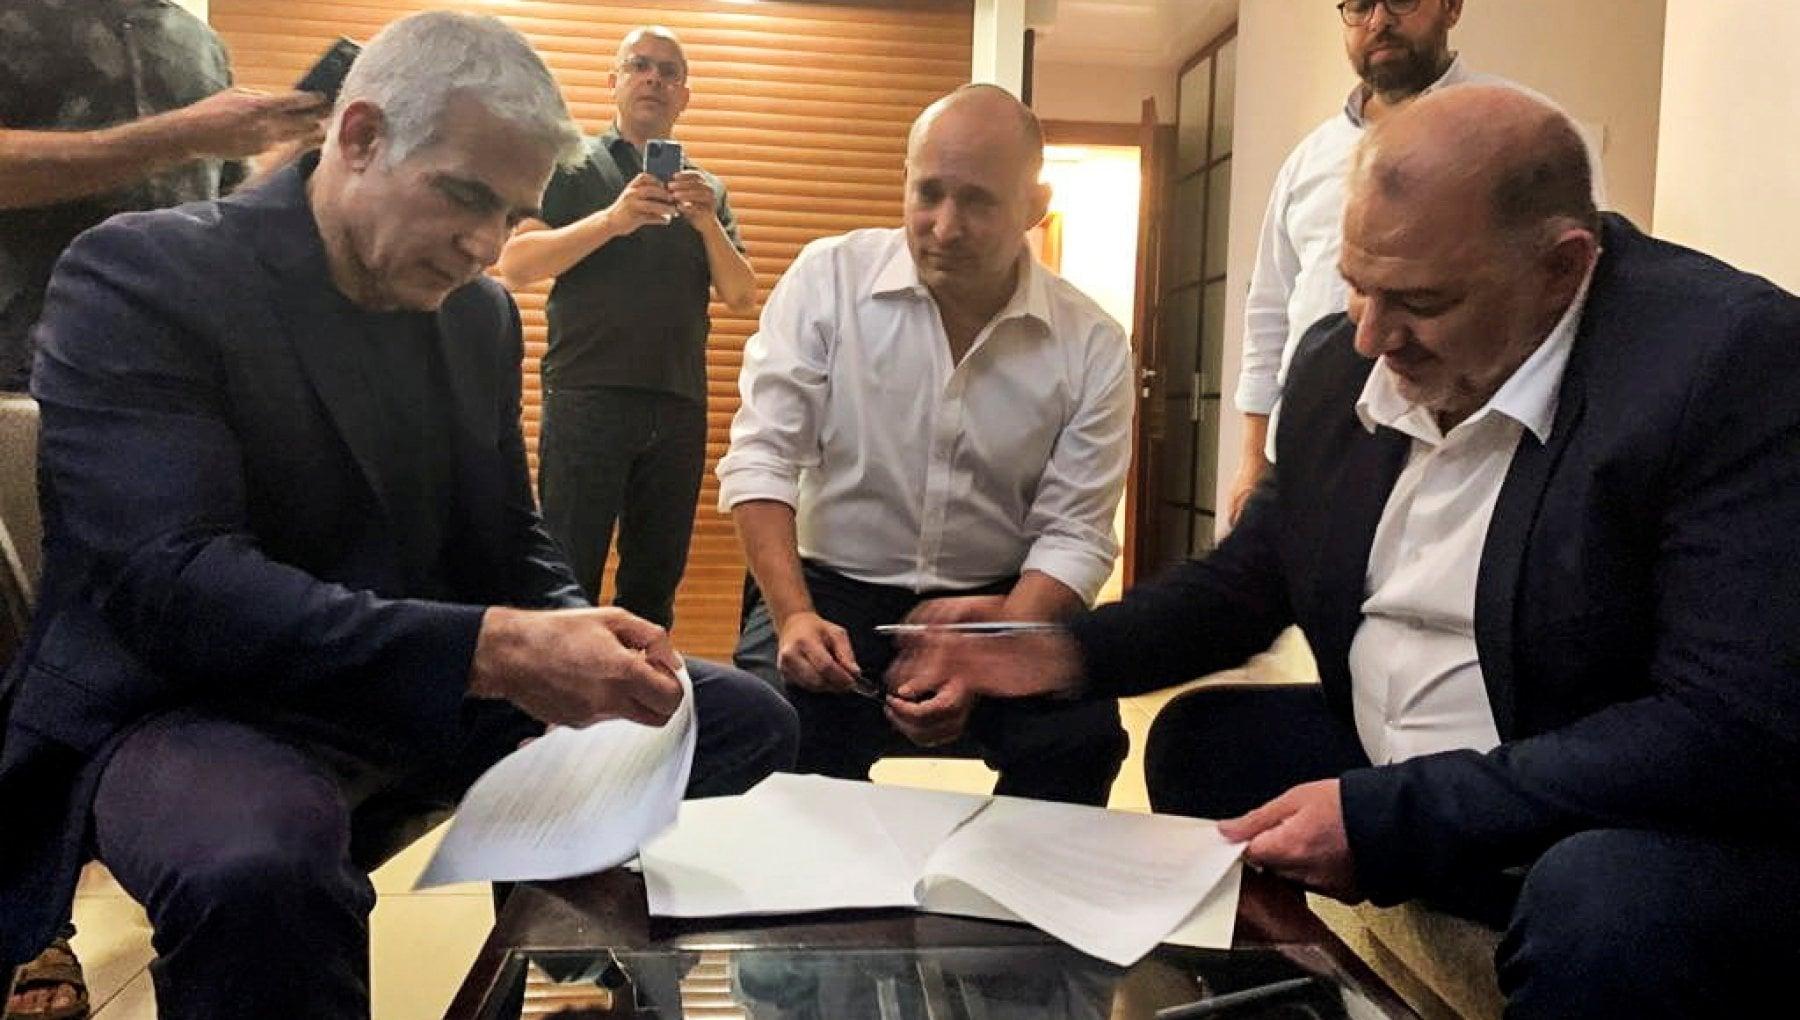 220551230 1f93764c 9ded 417f 8849 8f378acb65b8 - Israele, nazionalisti, ex laburisti e arabi: l'alleanza a otto teste contro Netanyahu